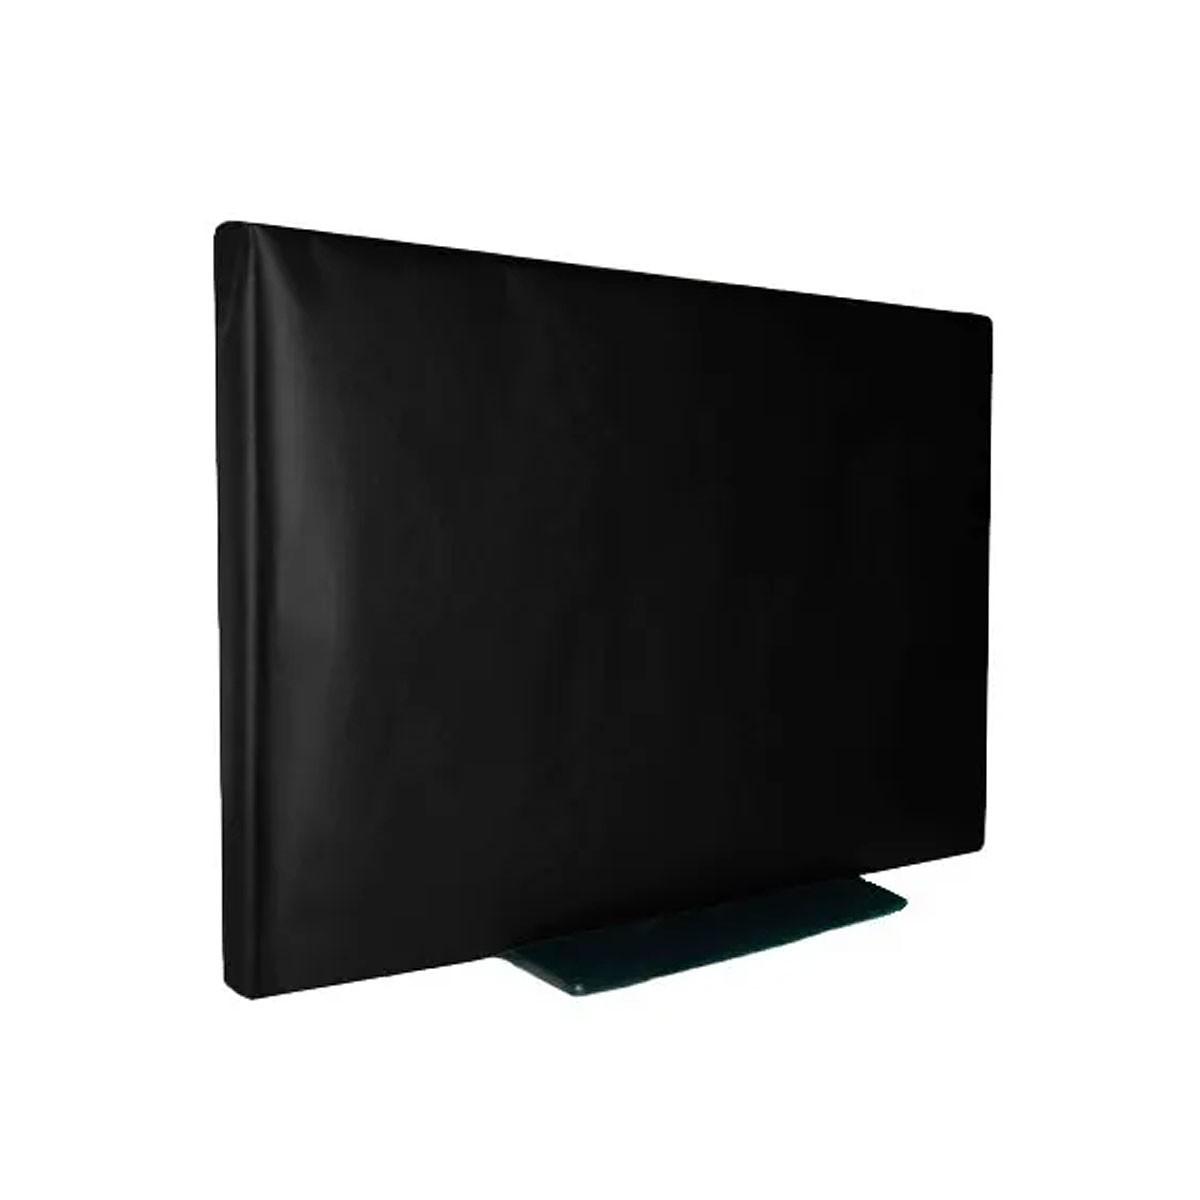 Capa De Luxo Em Corino Para TV LED 40